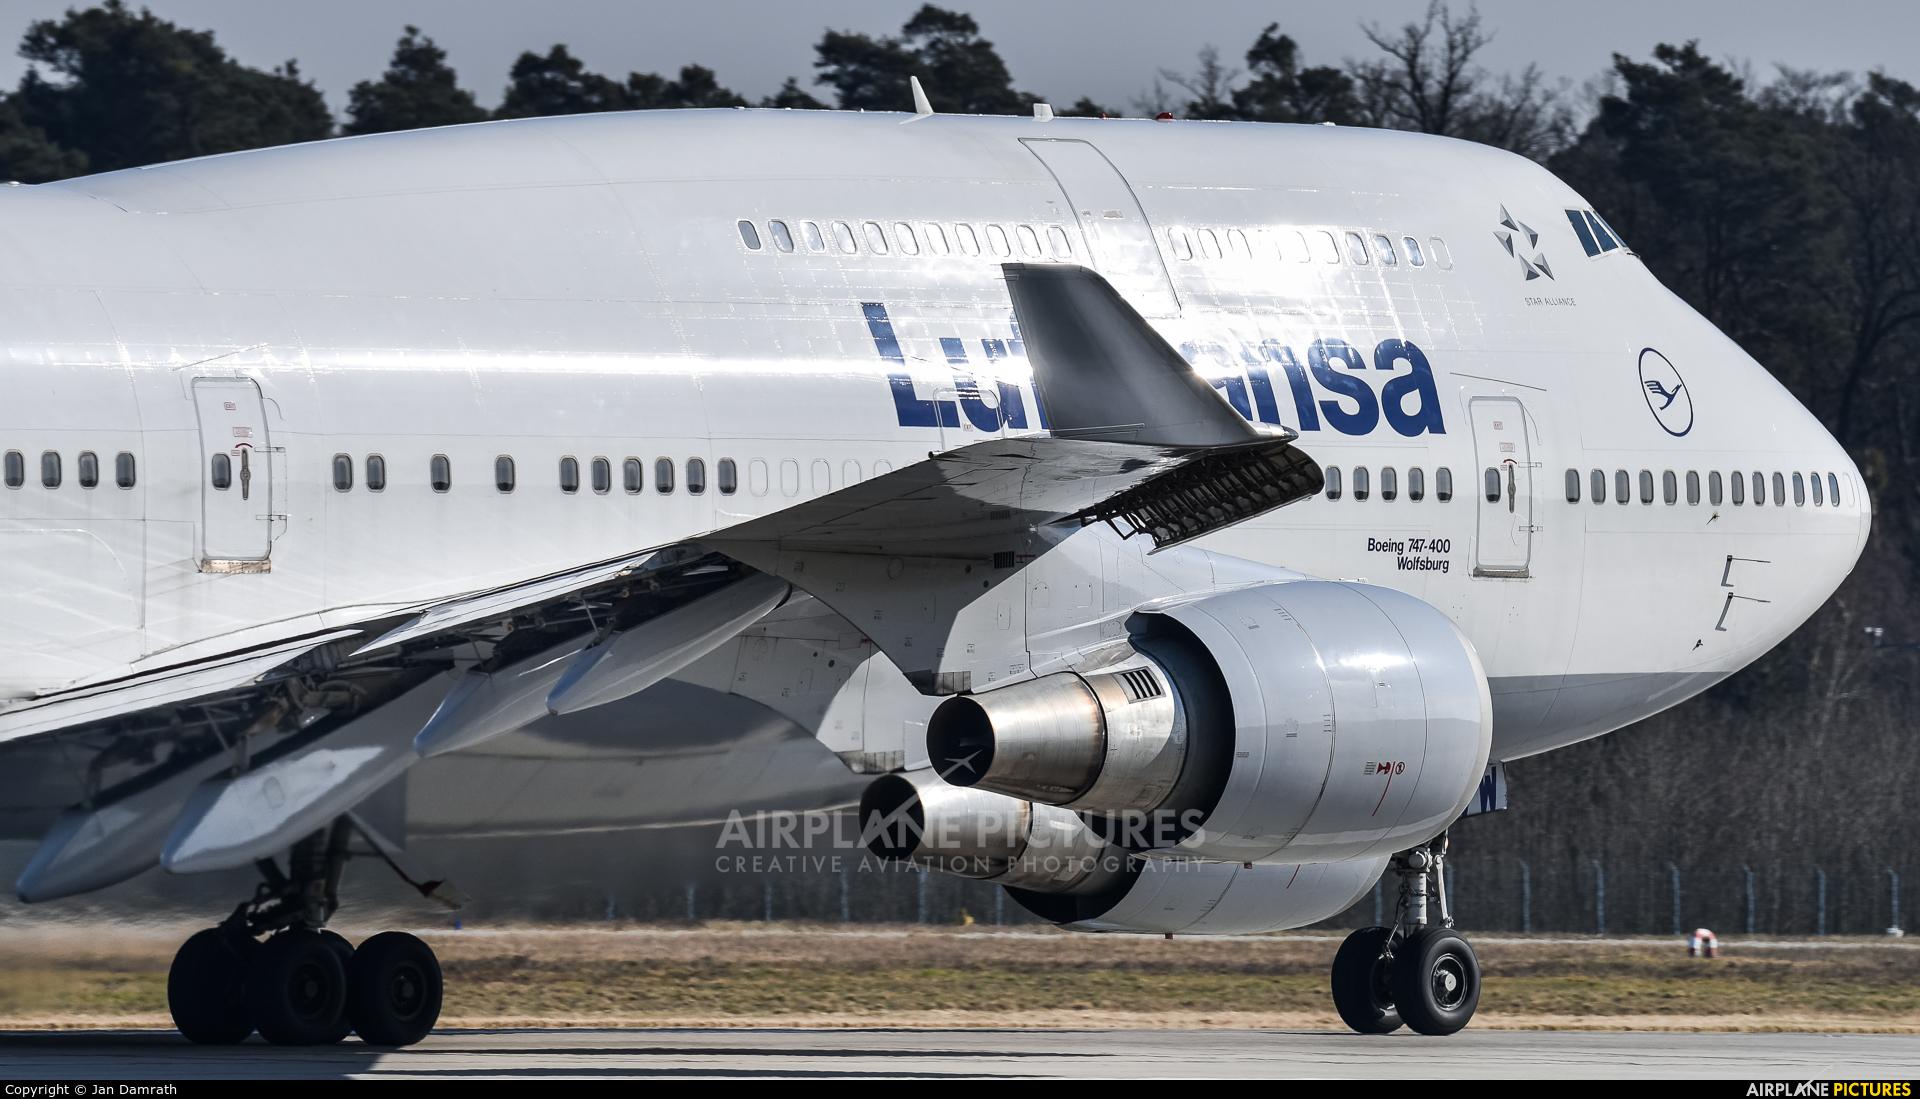 Lufthansa D-ABVW aircraft at Frankfurt